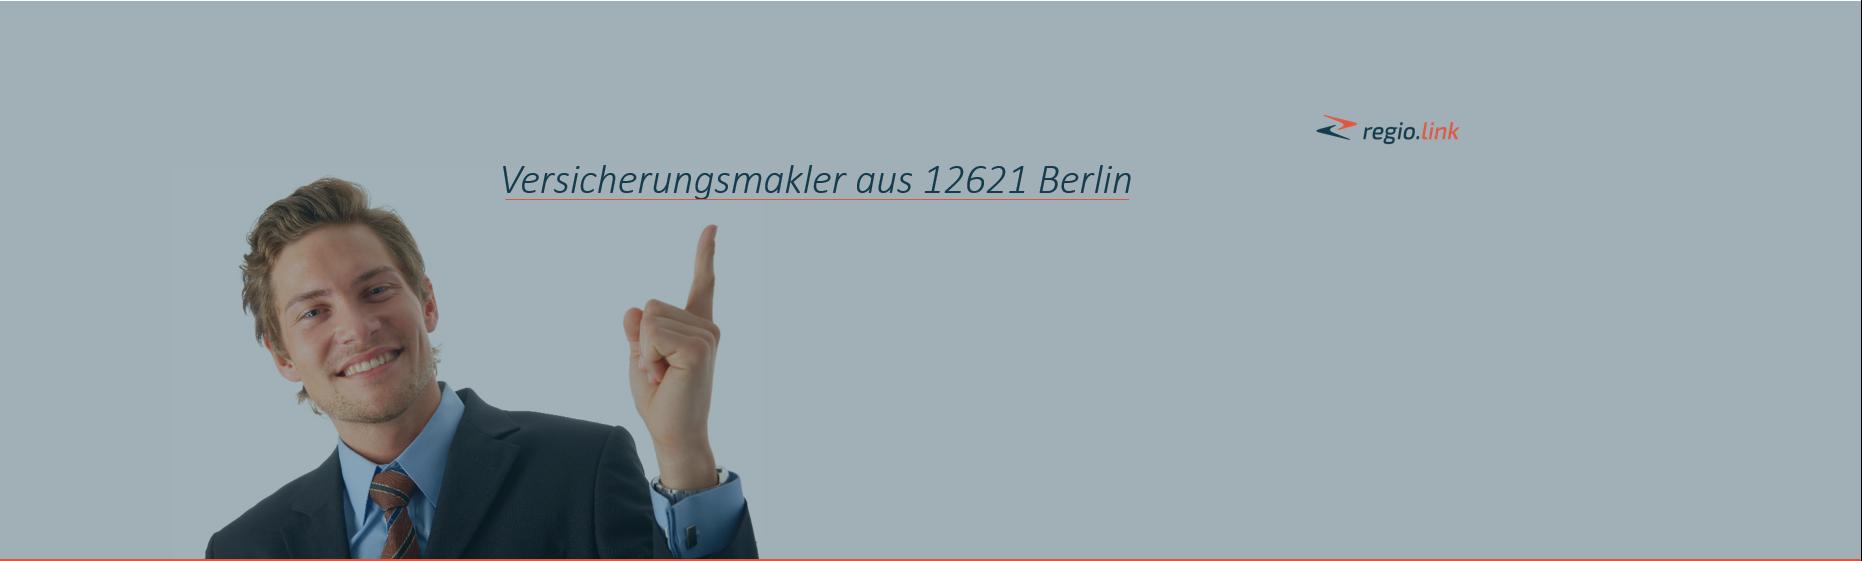 Versicherungsmakler, 12621 Berlin | Jetzt ohne Streuverluste werben!